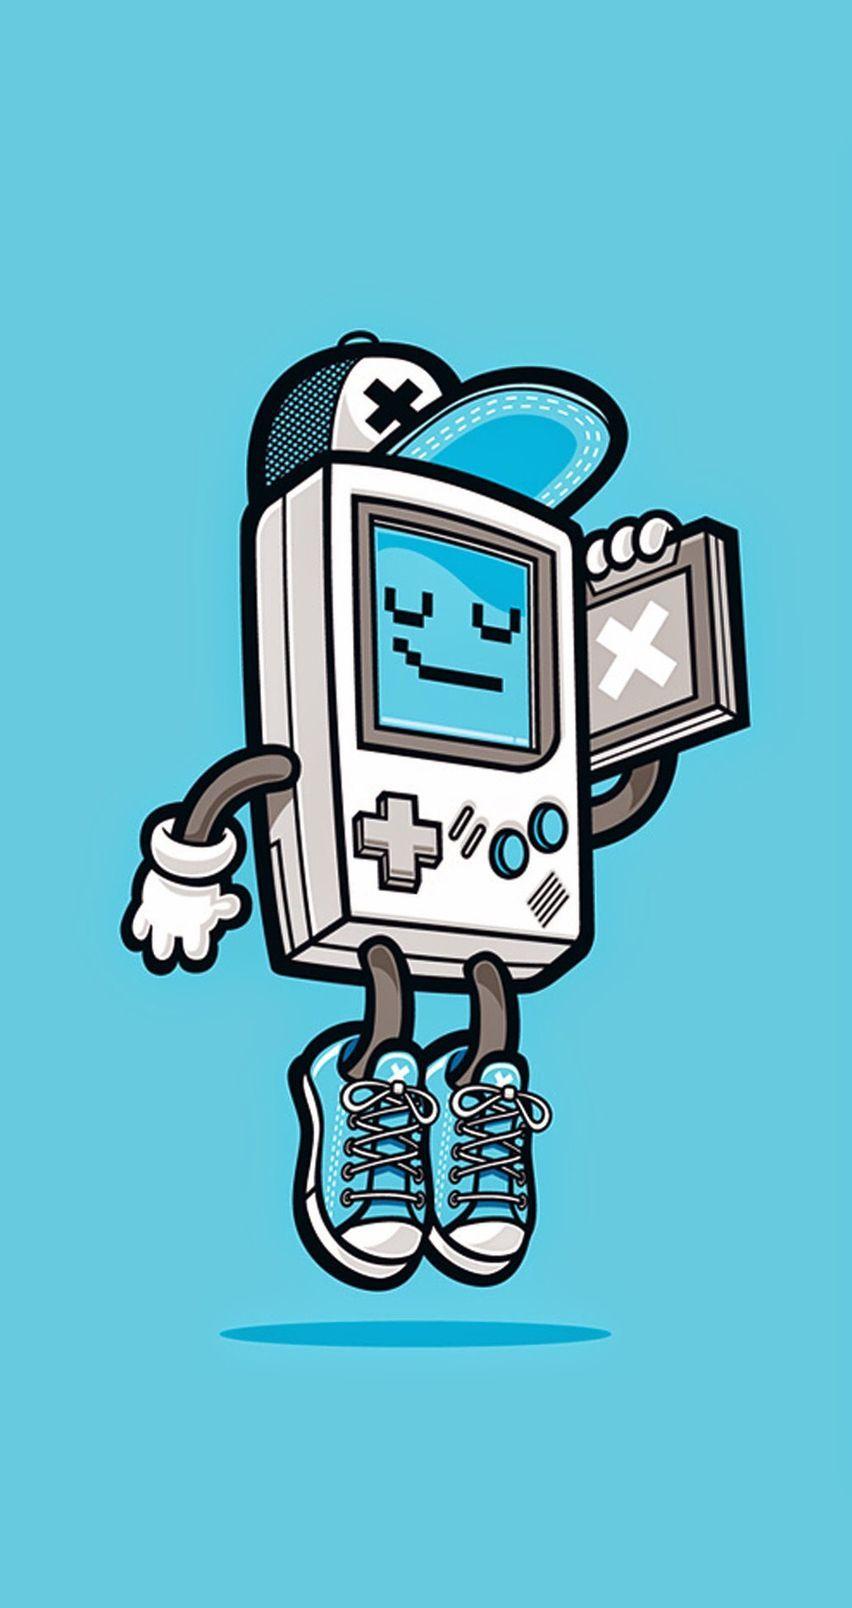 Cute & Funny Pop Art cartoon wallpaper for iPhones